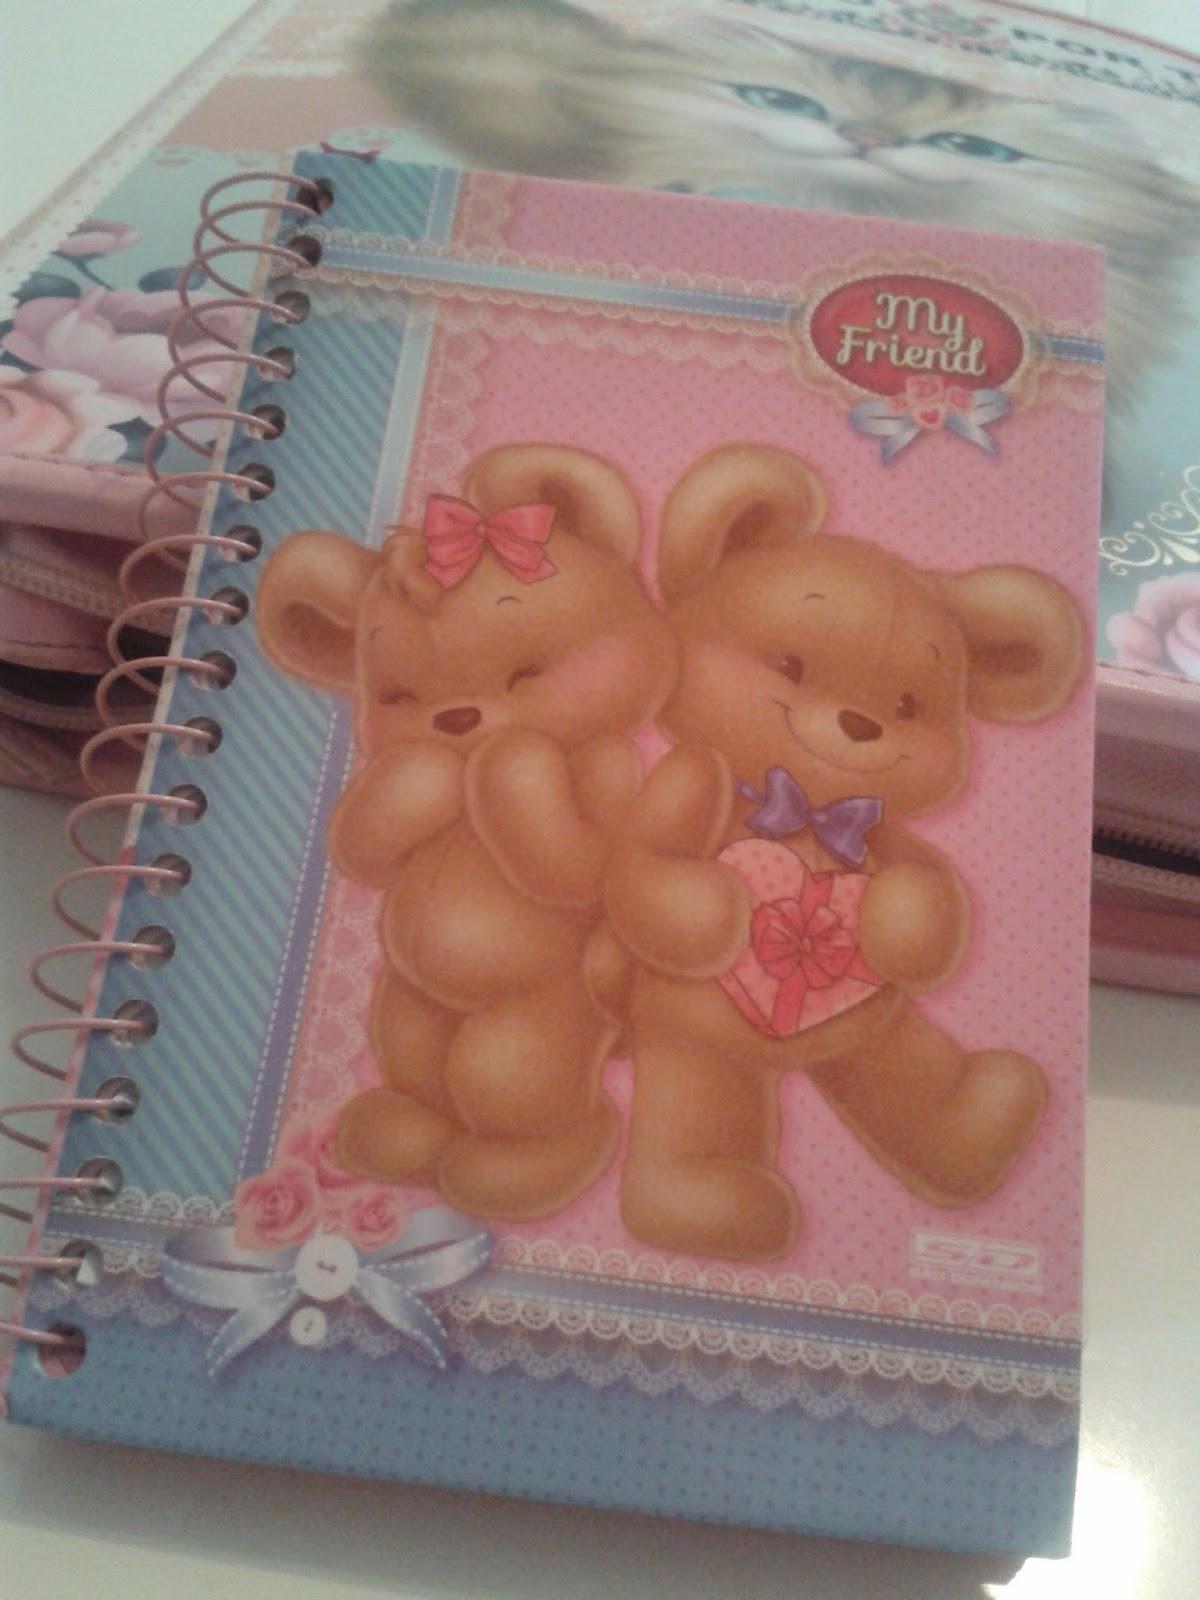 Esse não é o meu diário é apenas uma cadernetinha para me manter  #8C553F 1200x1600 Banheiro Bbb 2014